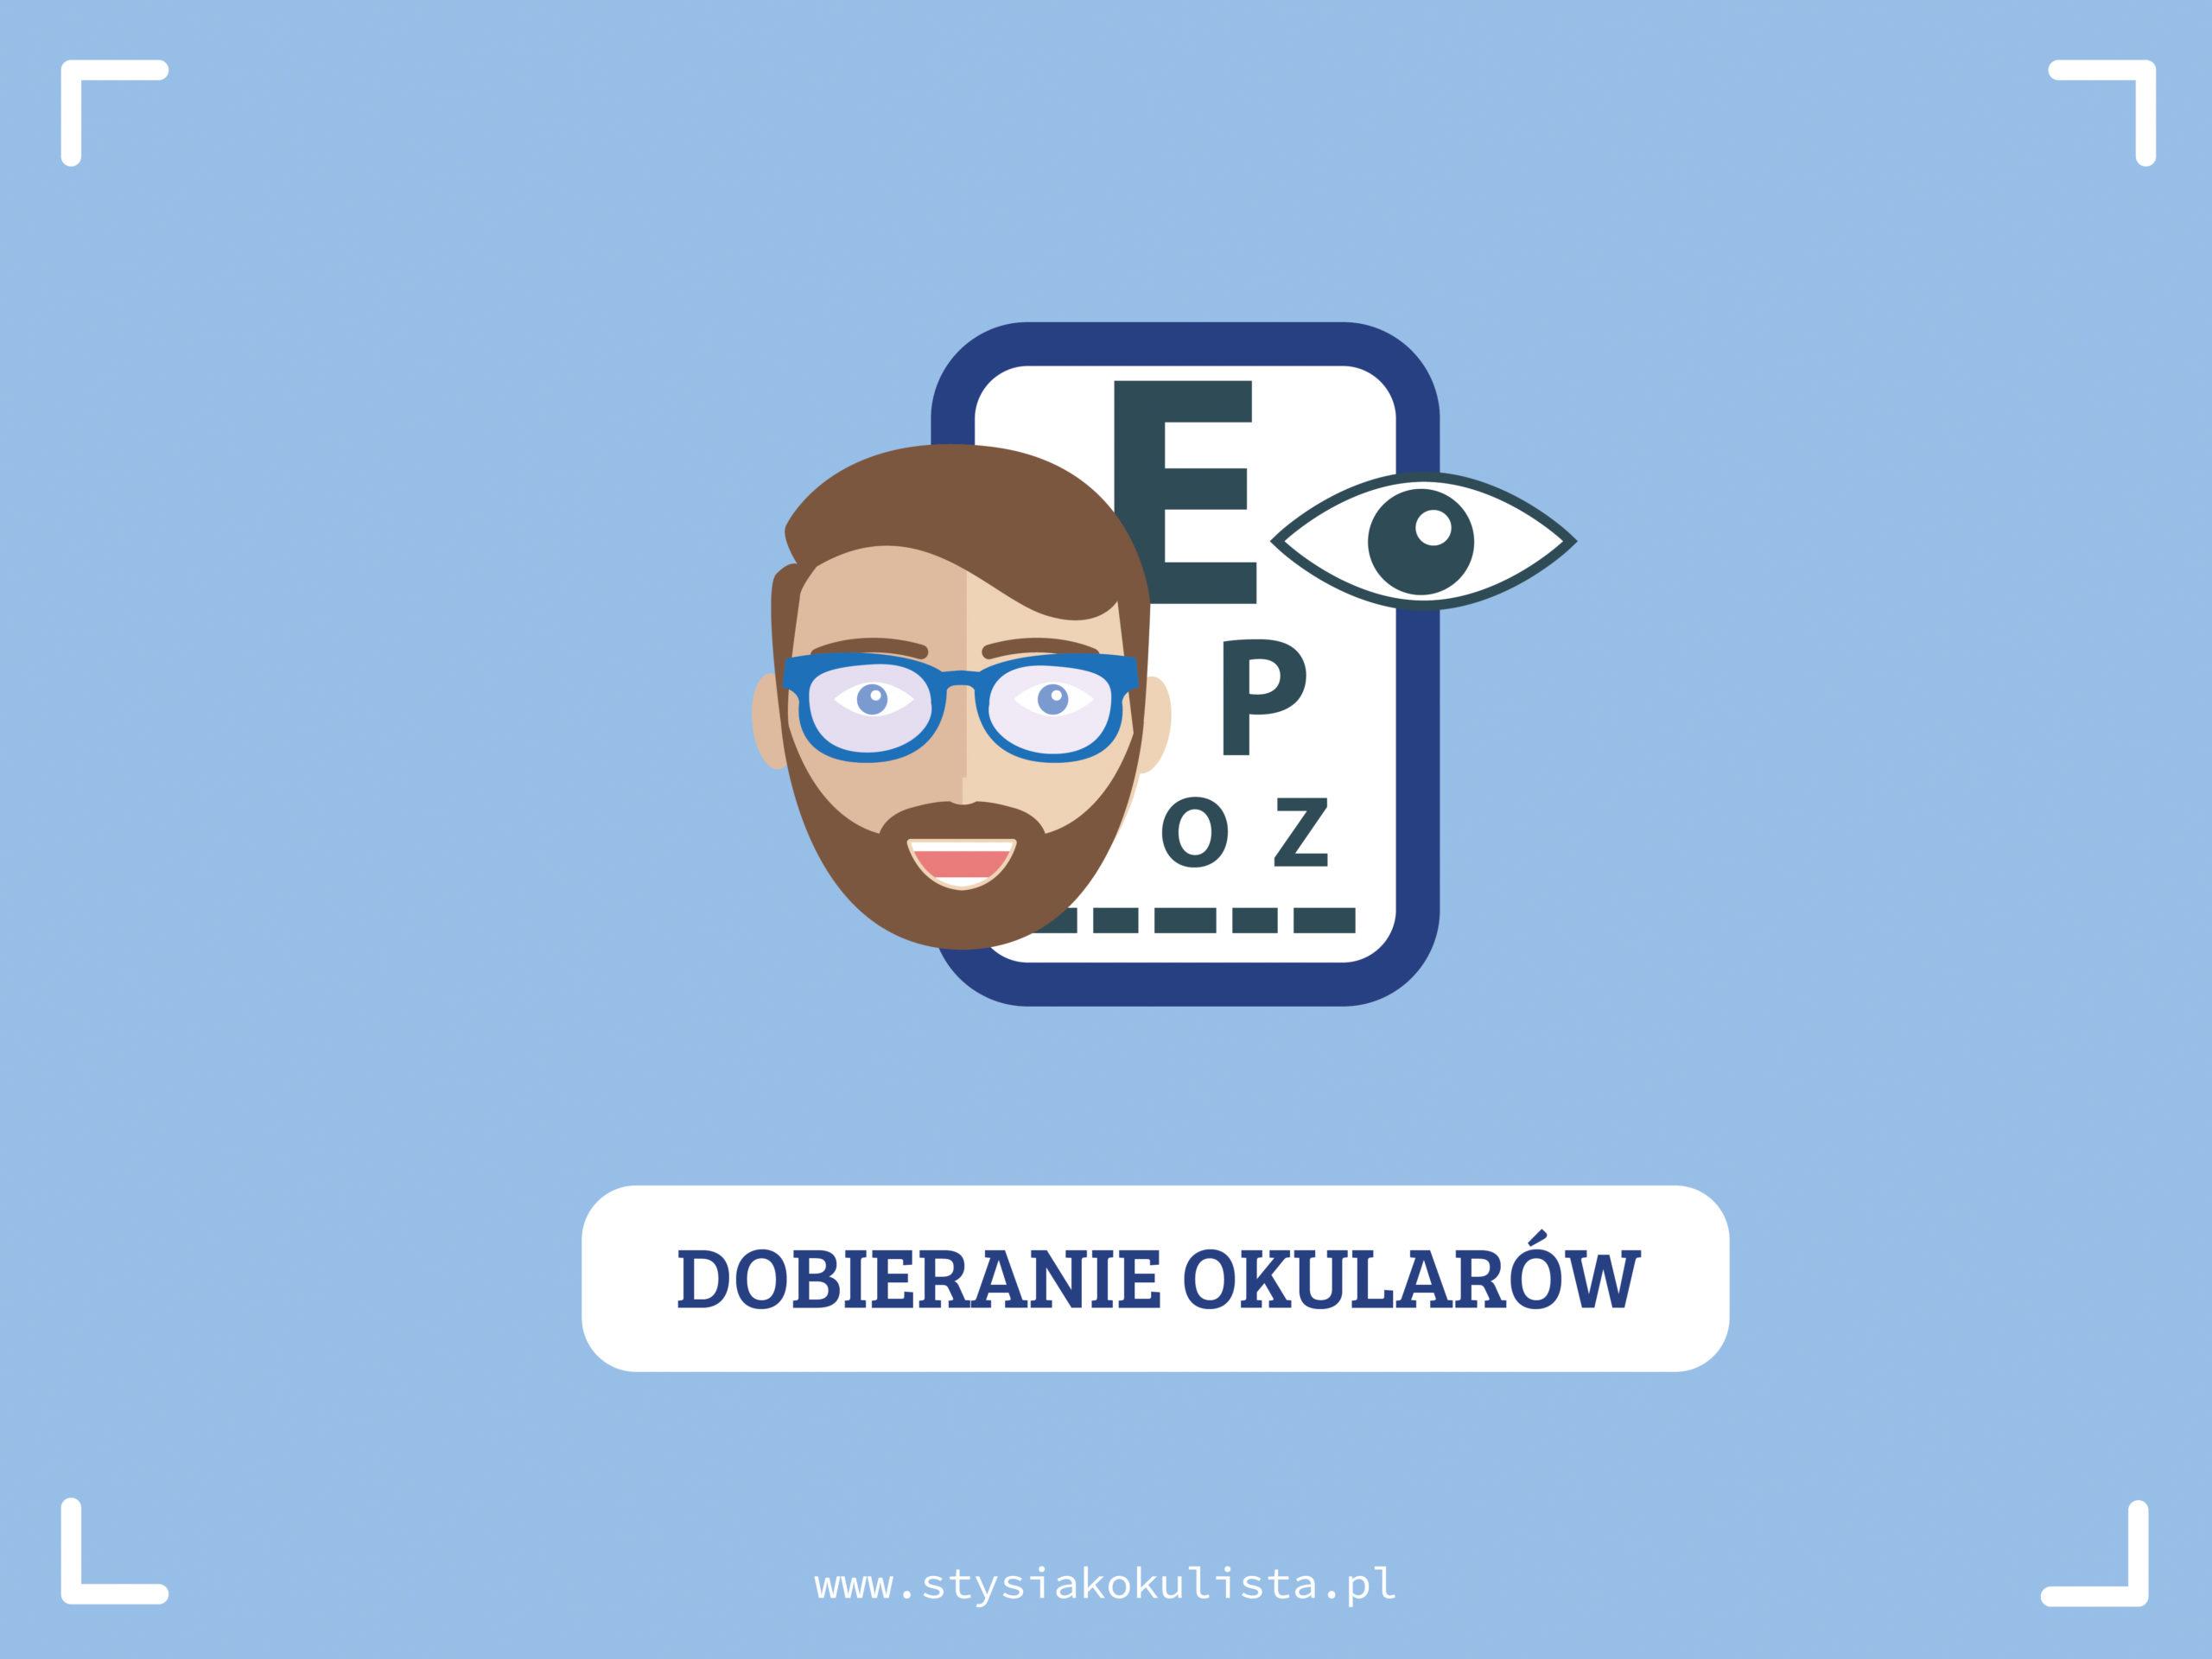 dobieranie okularów radom